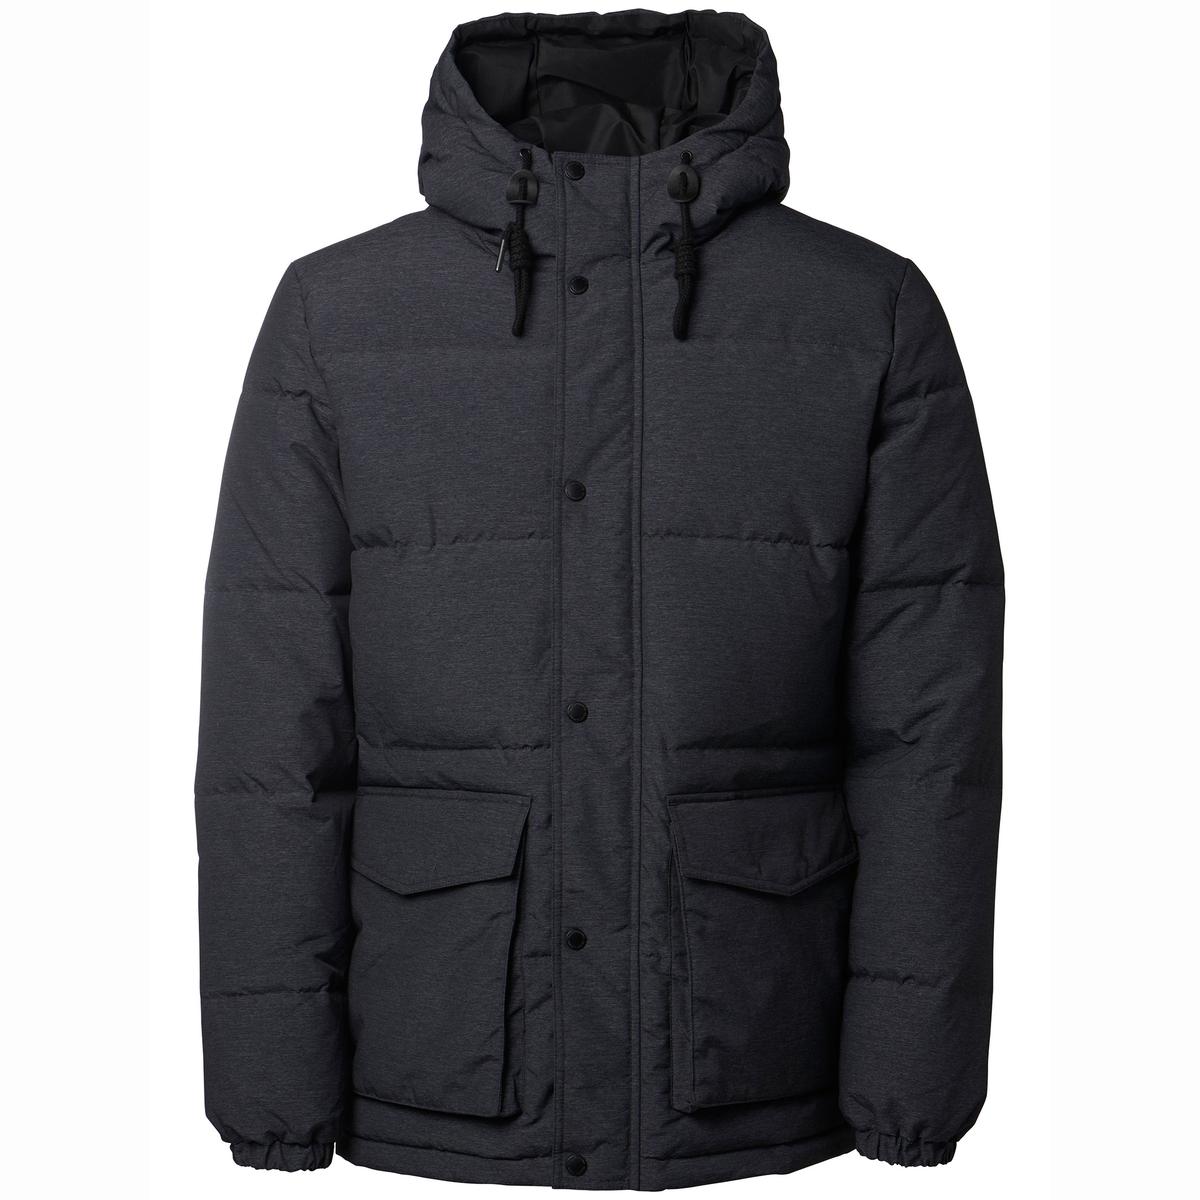 Стеганая куртка с капюшоном NOVOСостав и описание:Материал: 100% полиэстера.Марка: SELECTED HOMME.<br><br>Цвет: серый меланж<br>Размер: XL